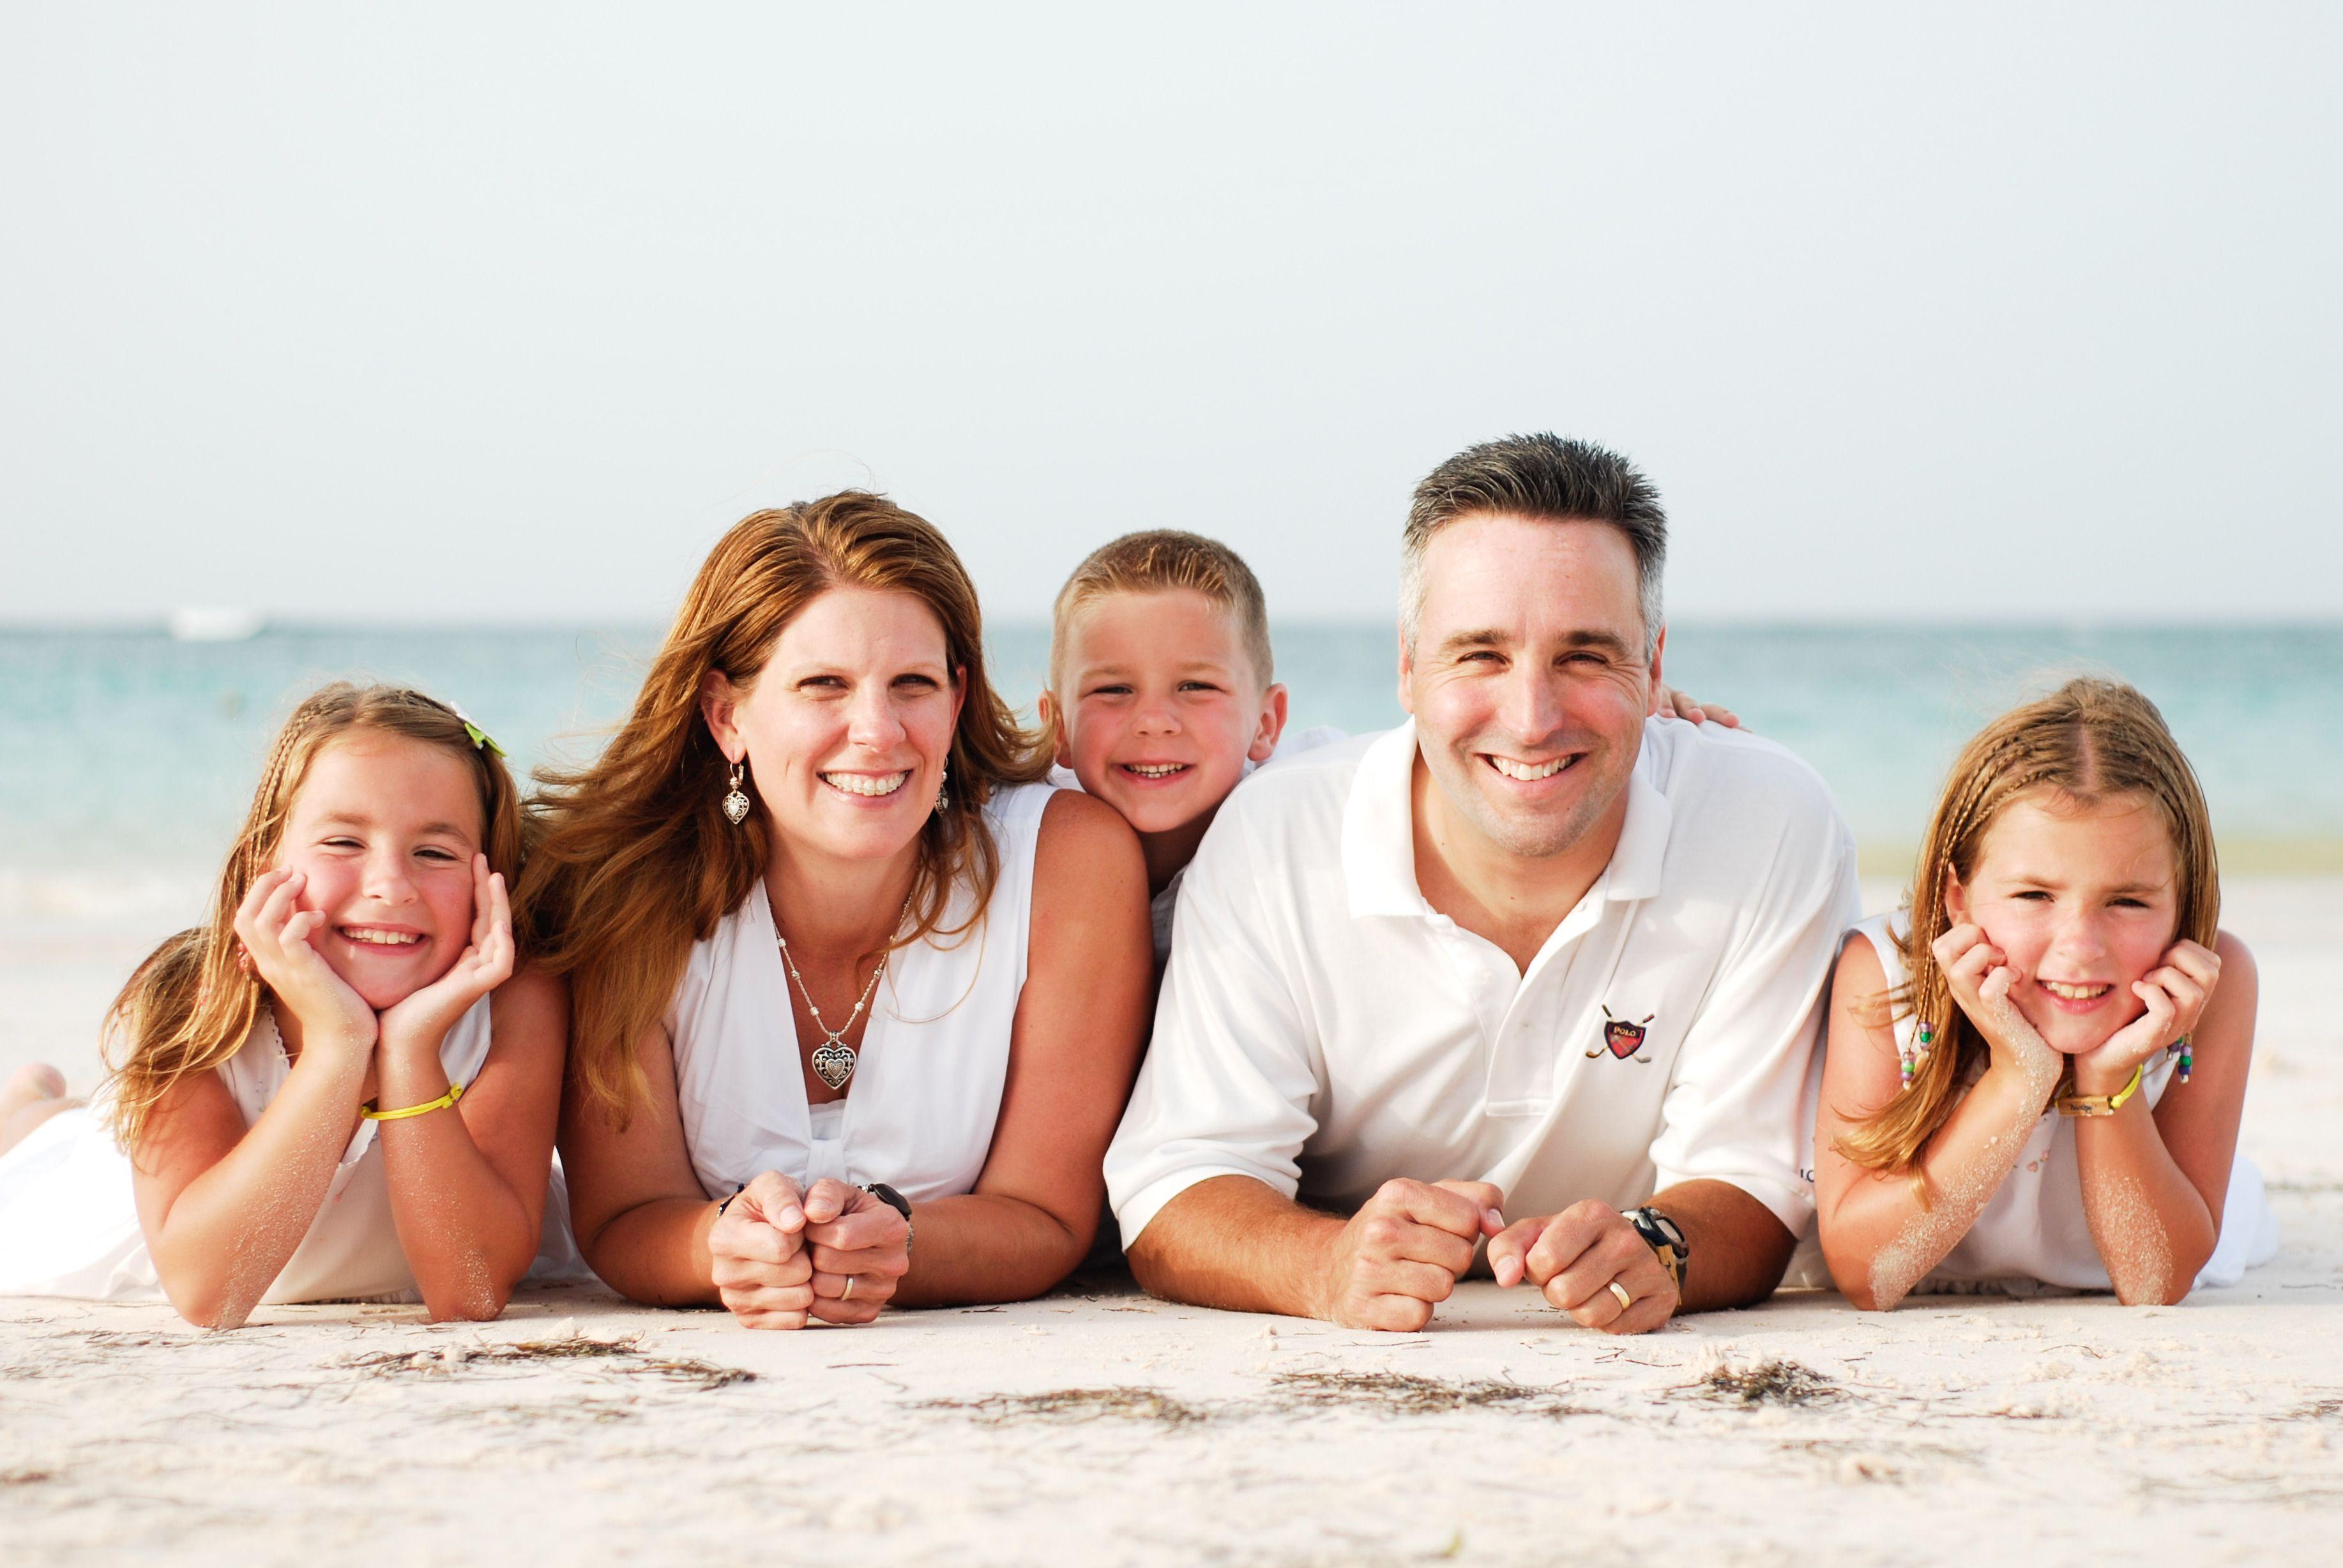 Family Beach Photos Family Beach Photos Ideas Family On The Beach My Budget Travel